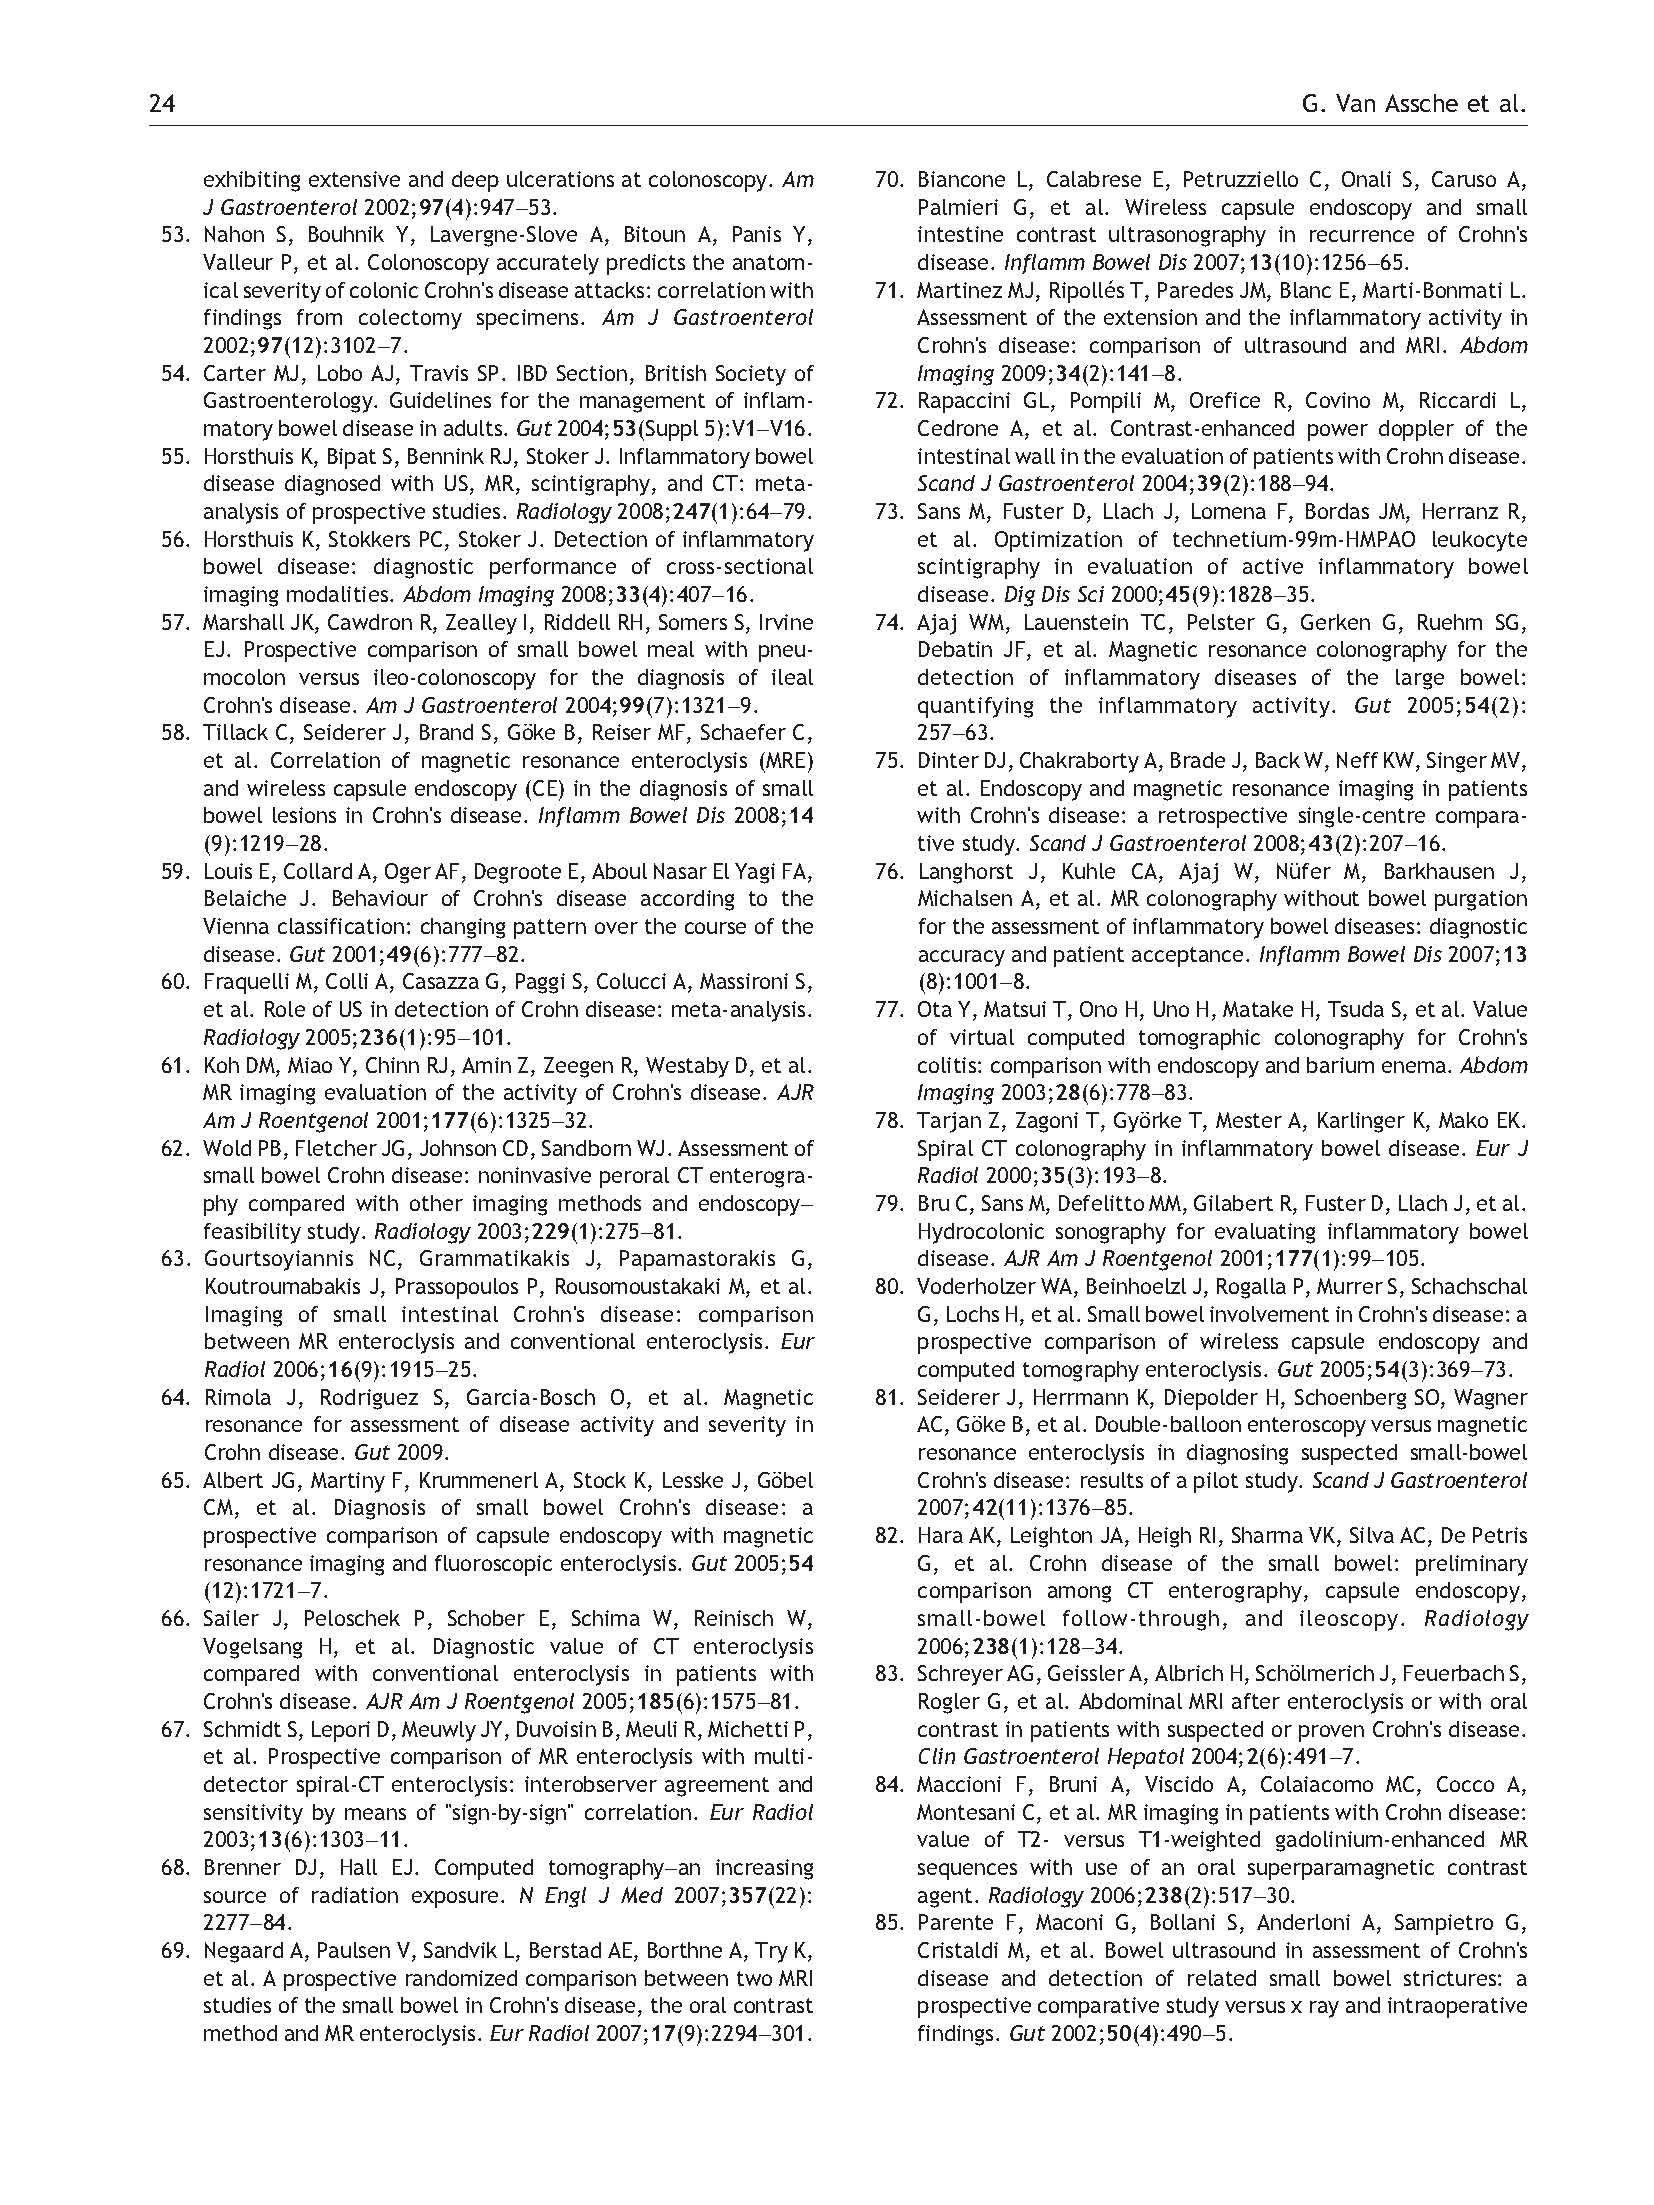 2_页面_18.jpg